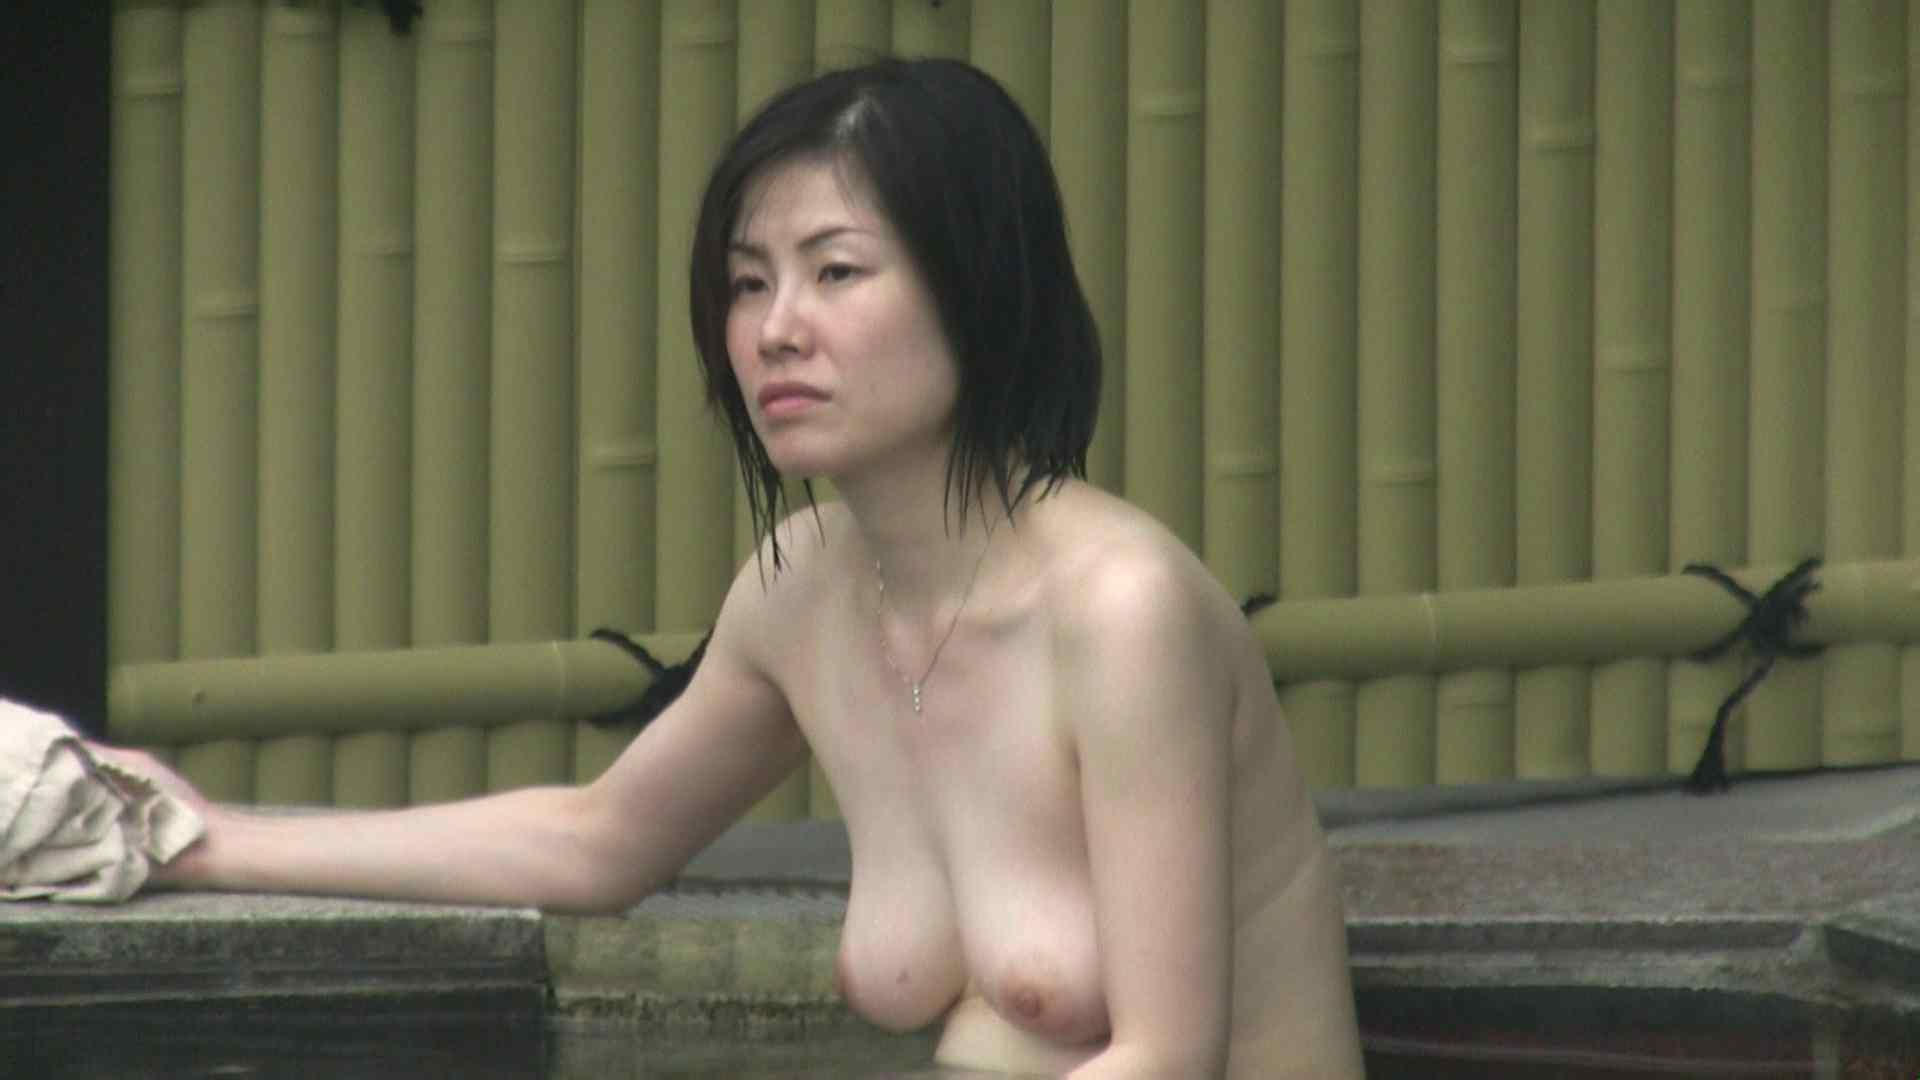 高画質露天女風呂観察 vol.035 OL  95pic 74